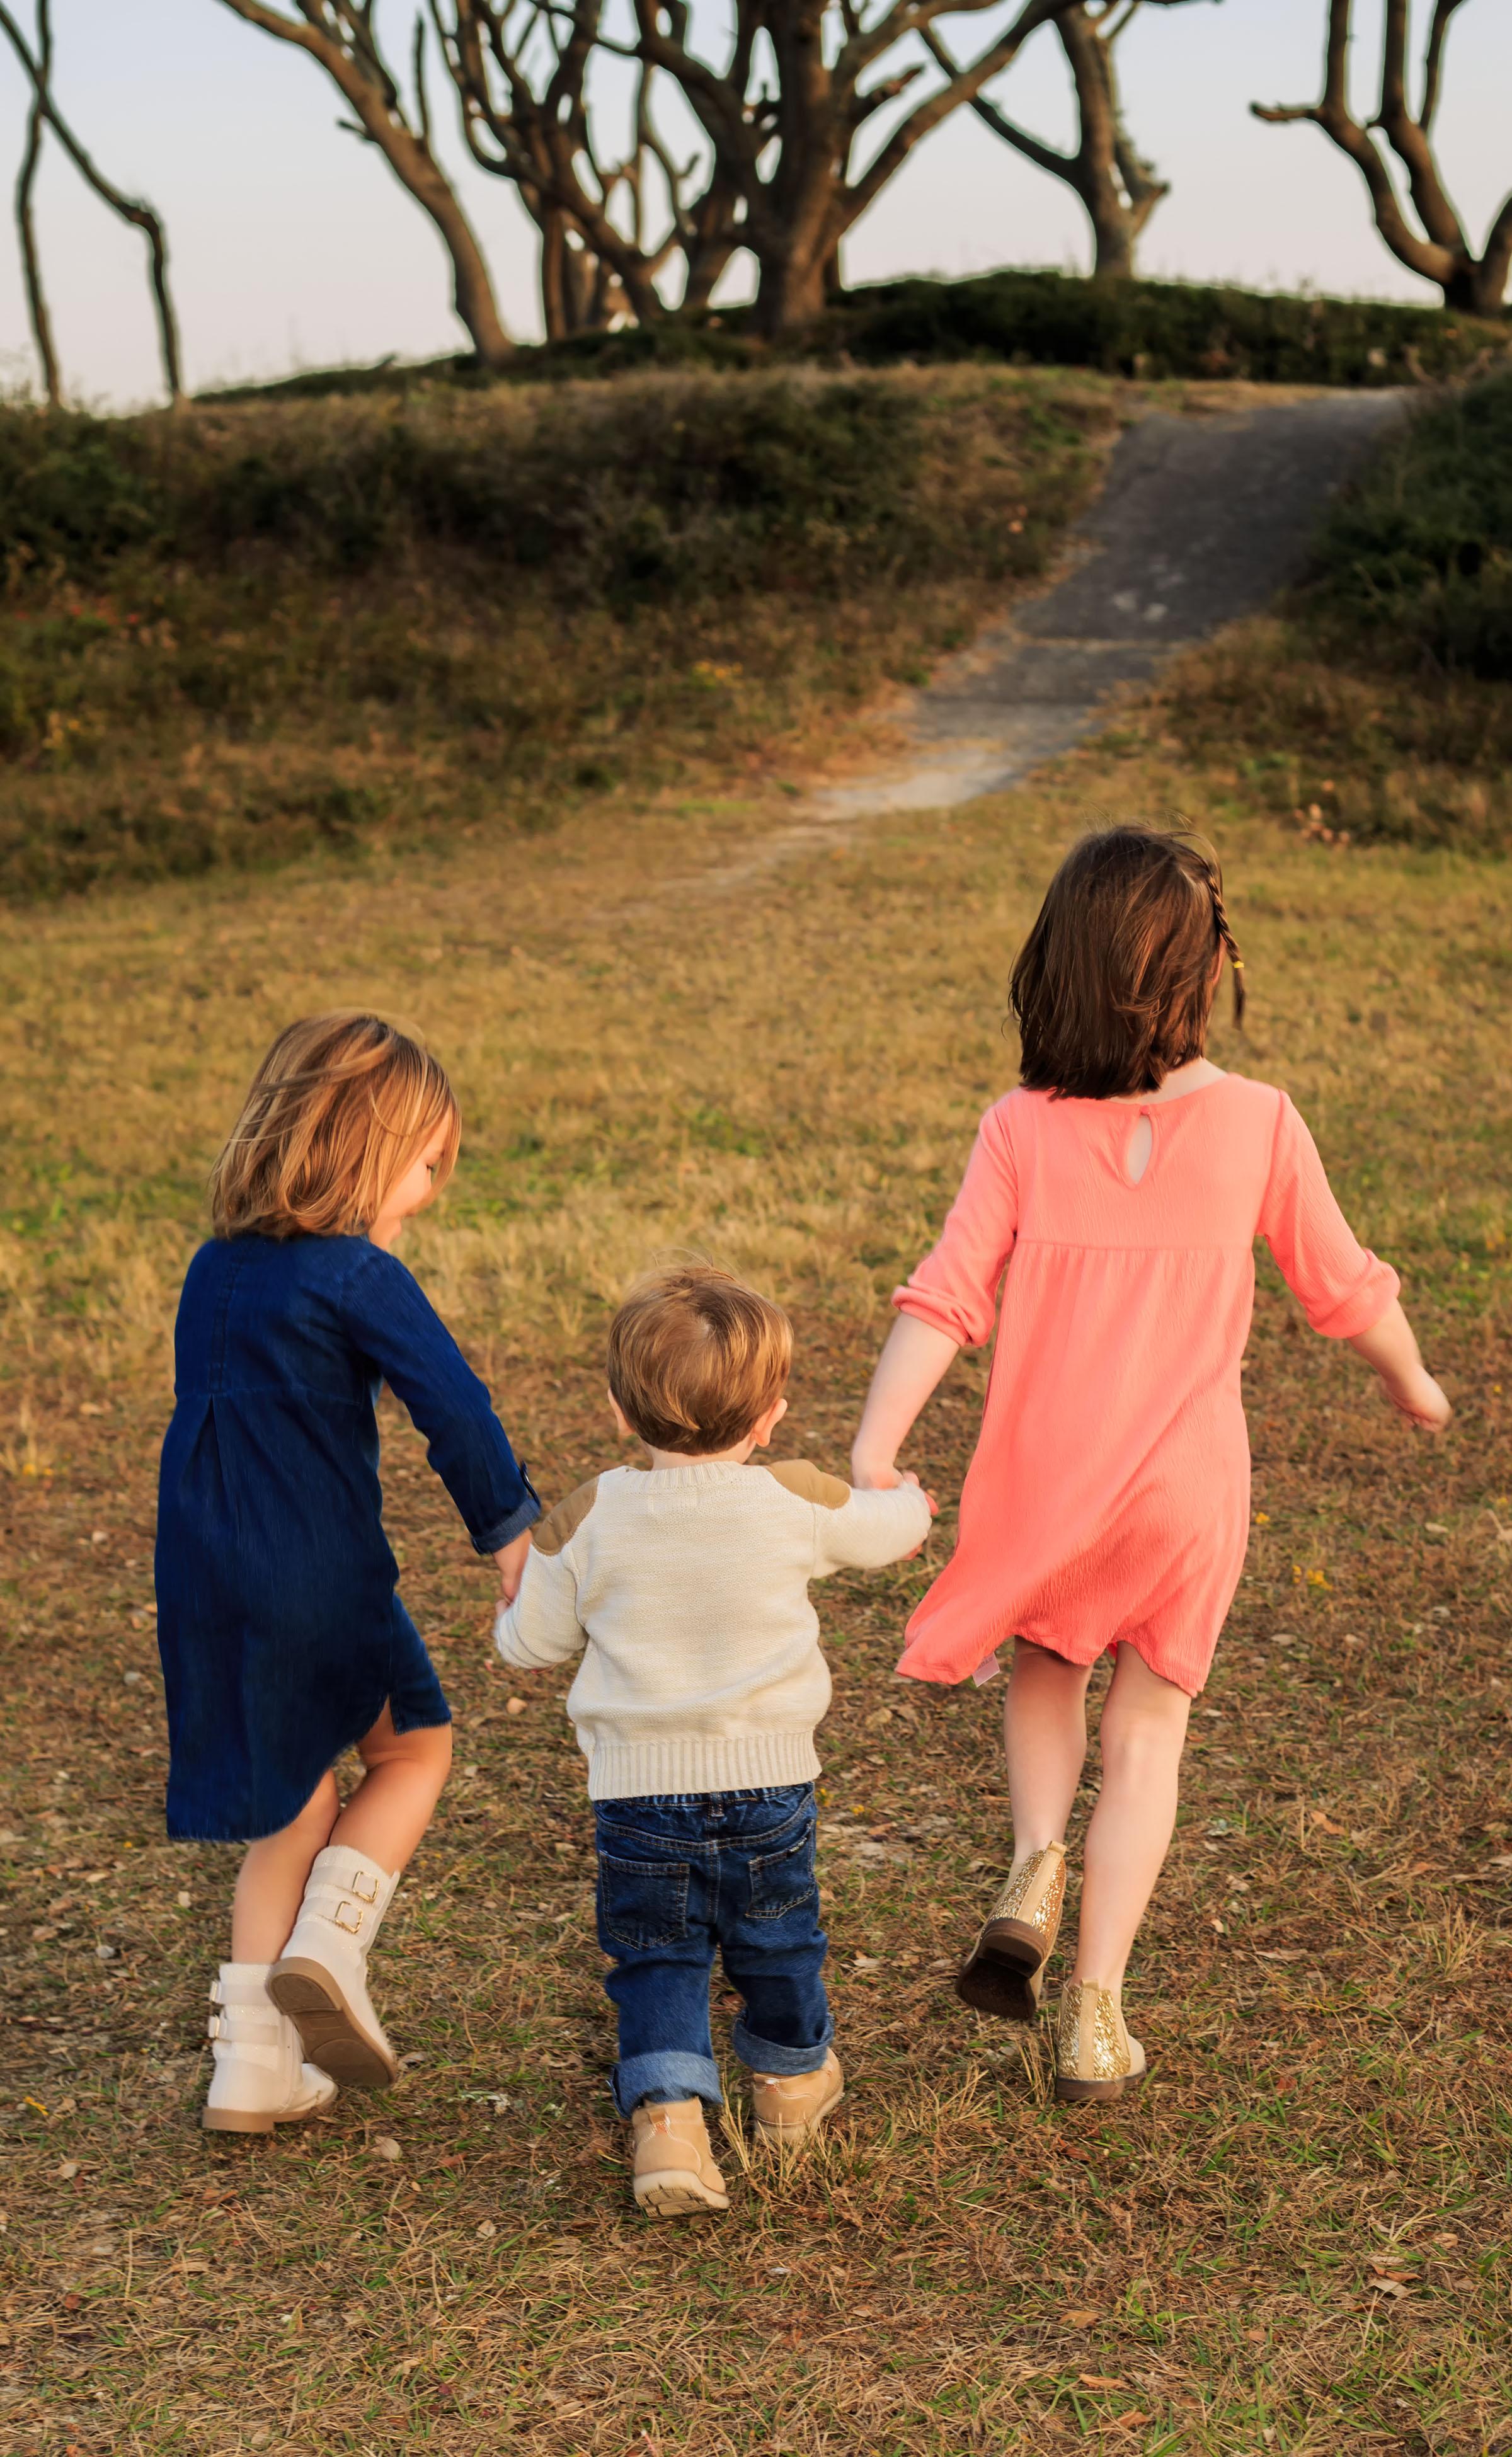 NC_Family_photographer_Tiffany_Abruzzo_Photography_54.jpg